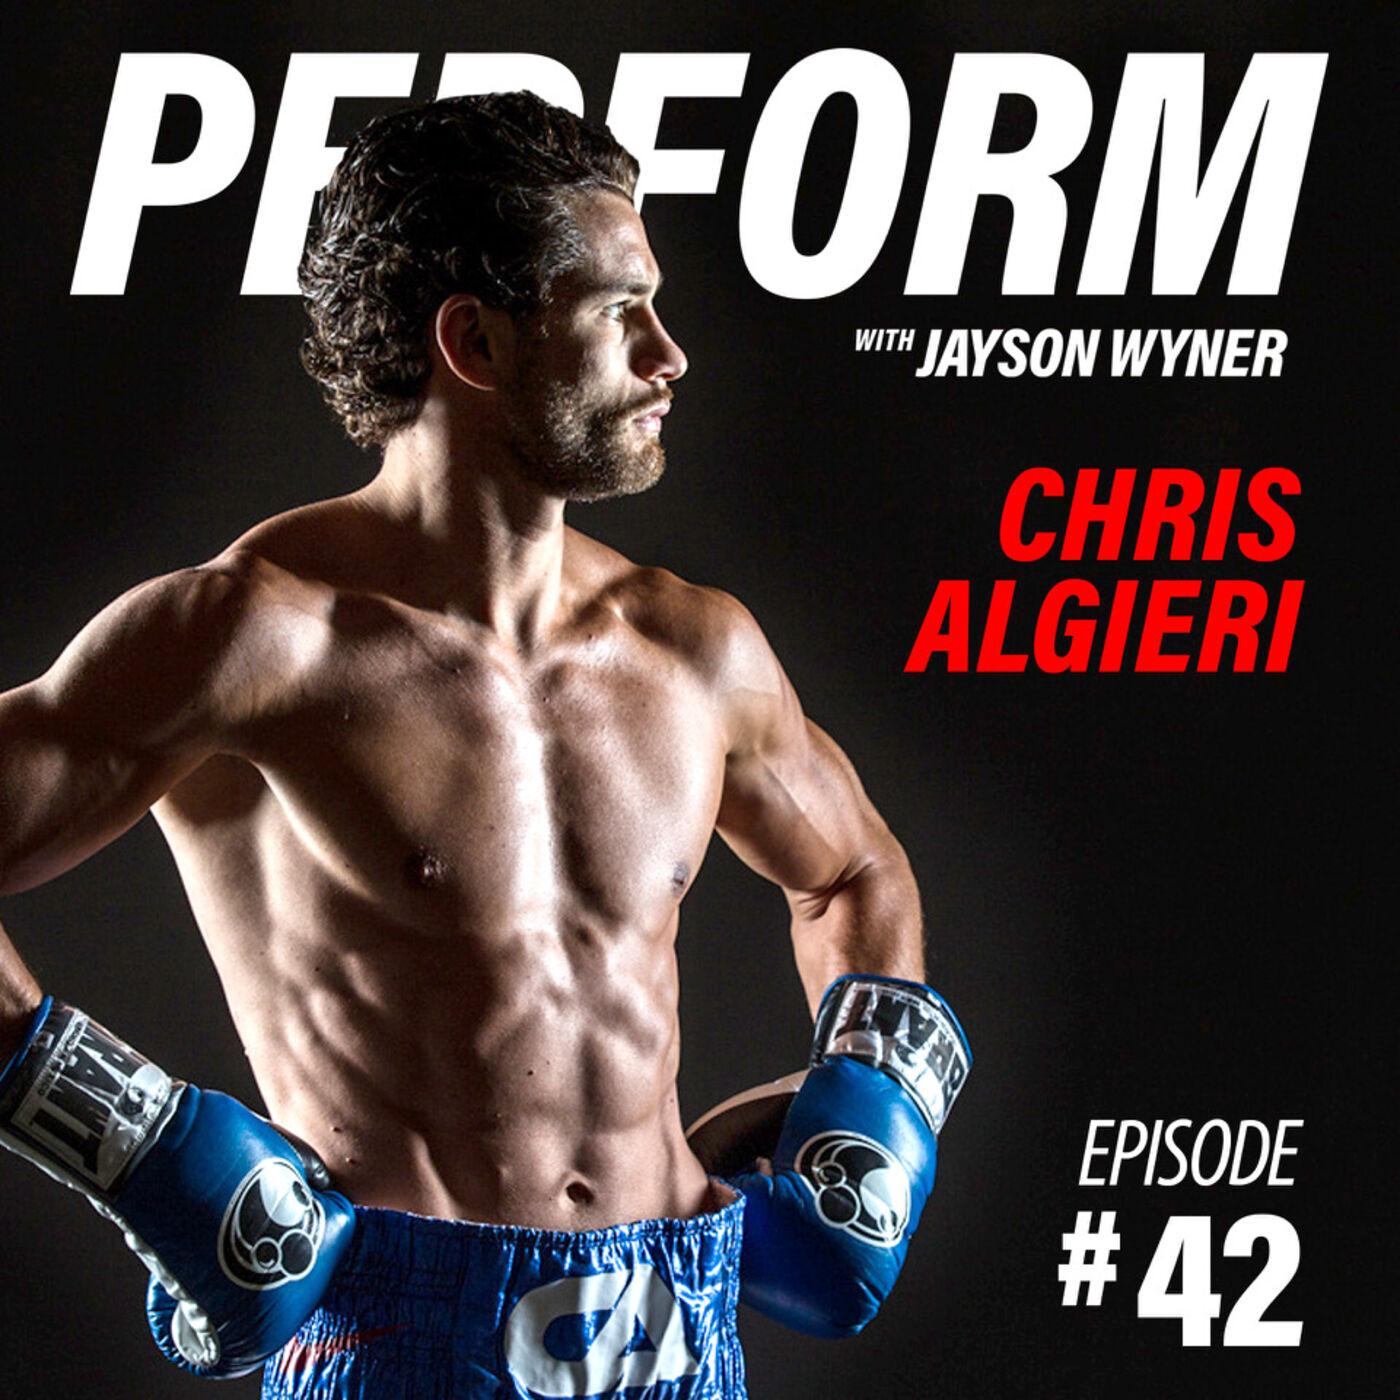 PERFORM Podcast E042 - Chris Algieri